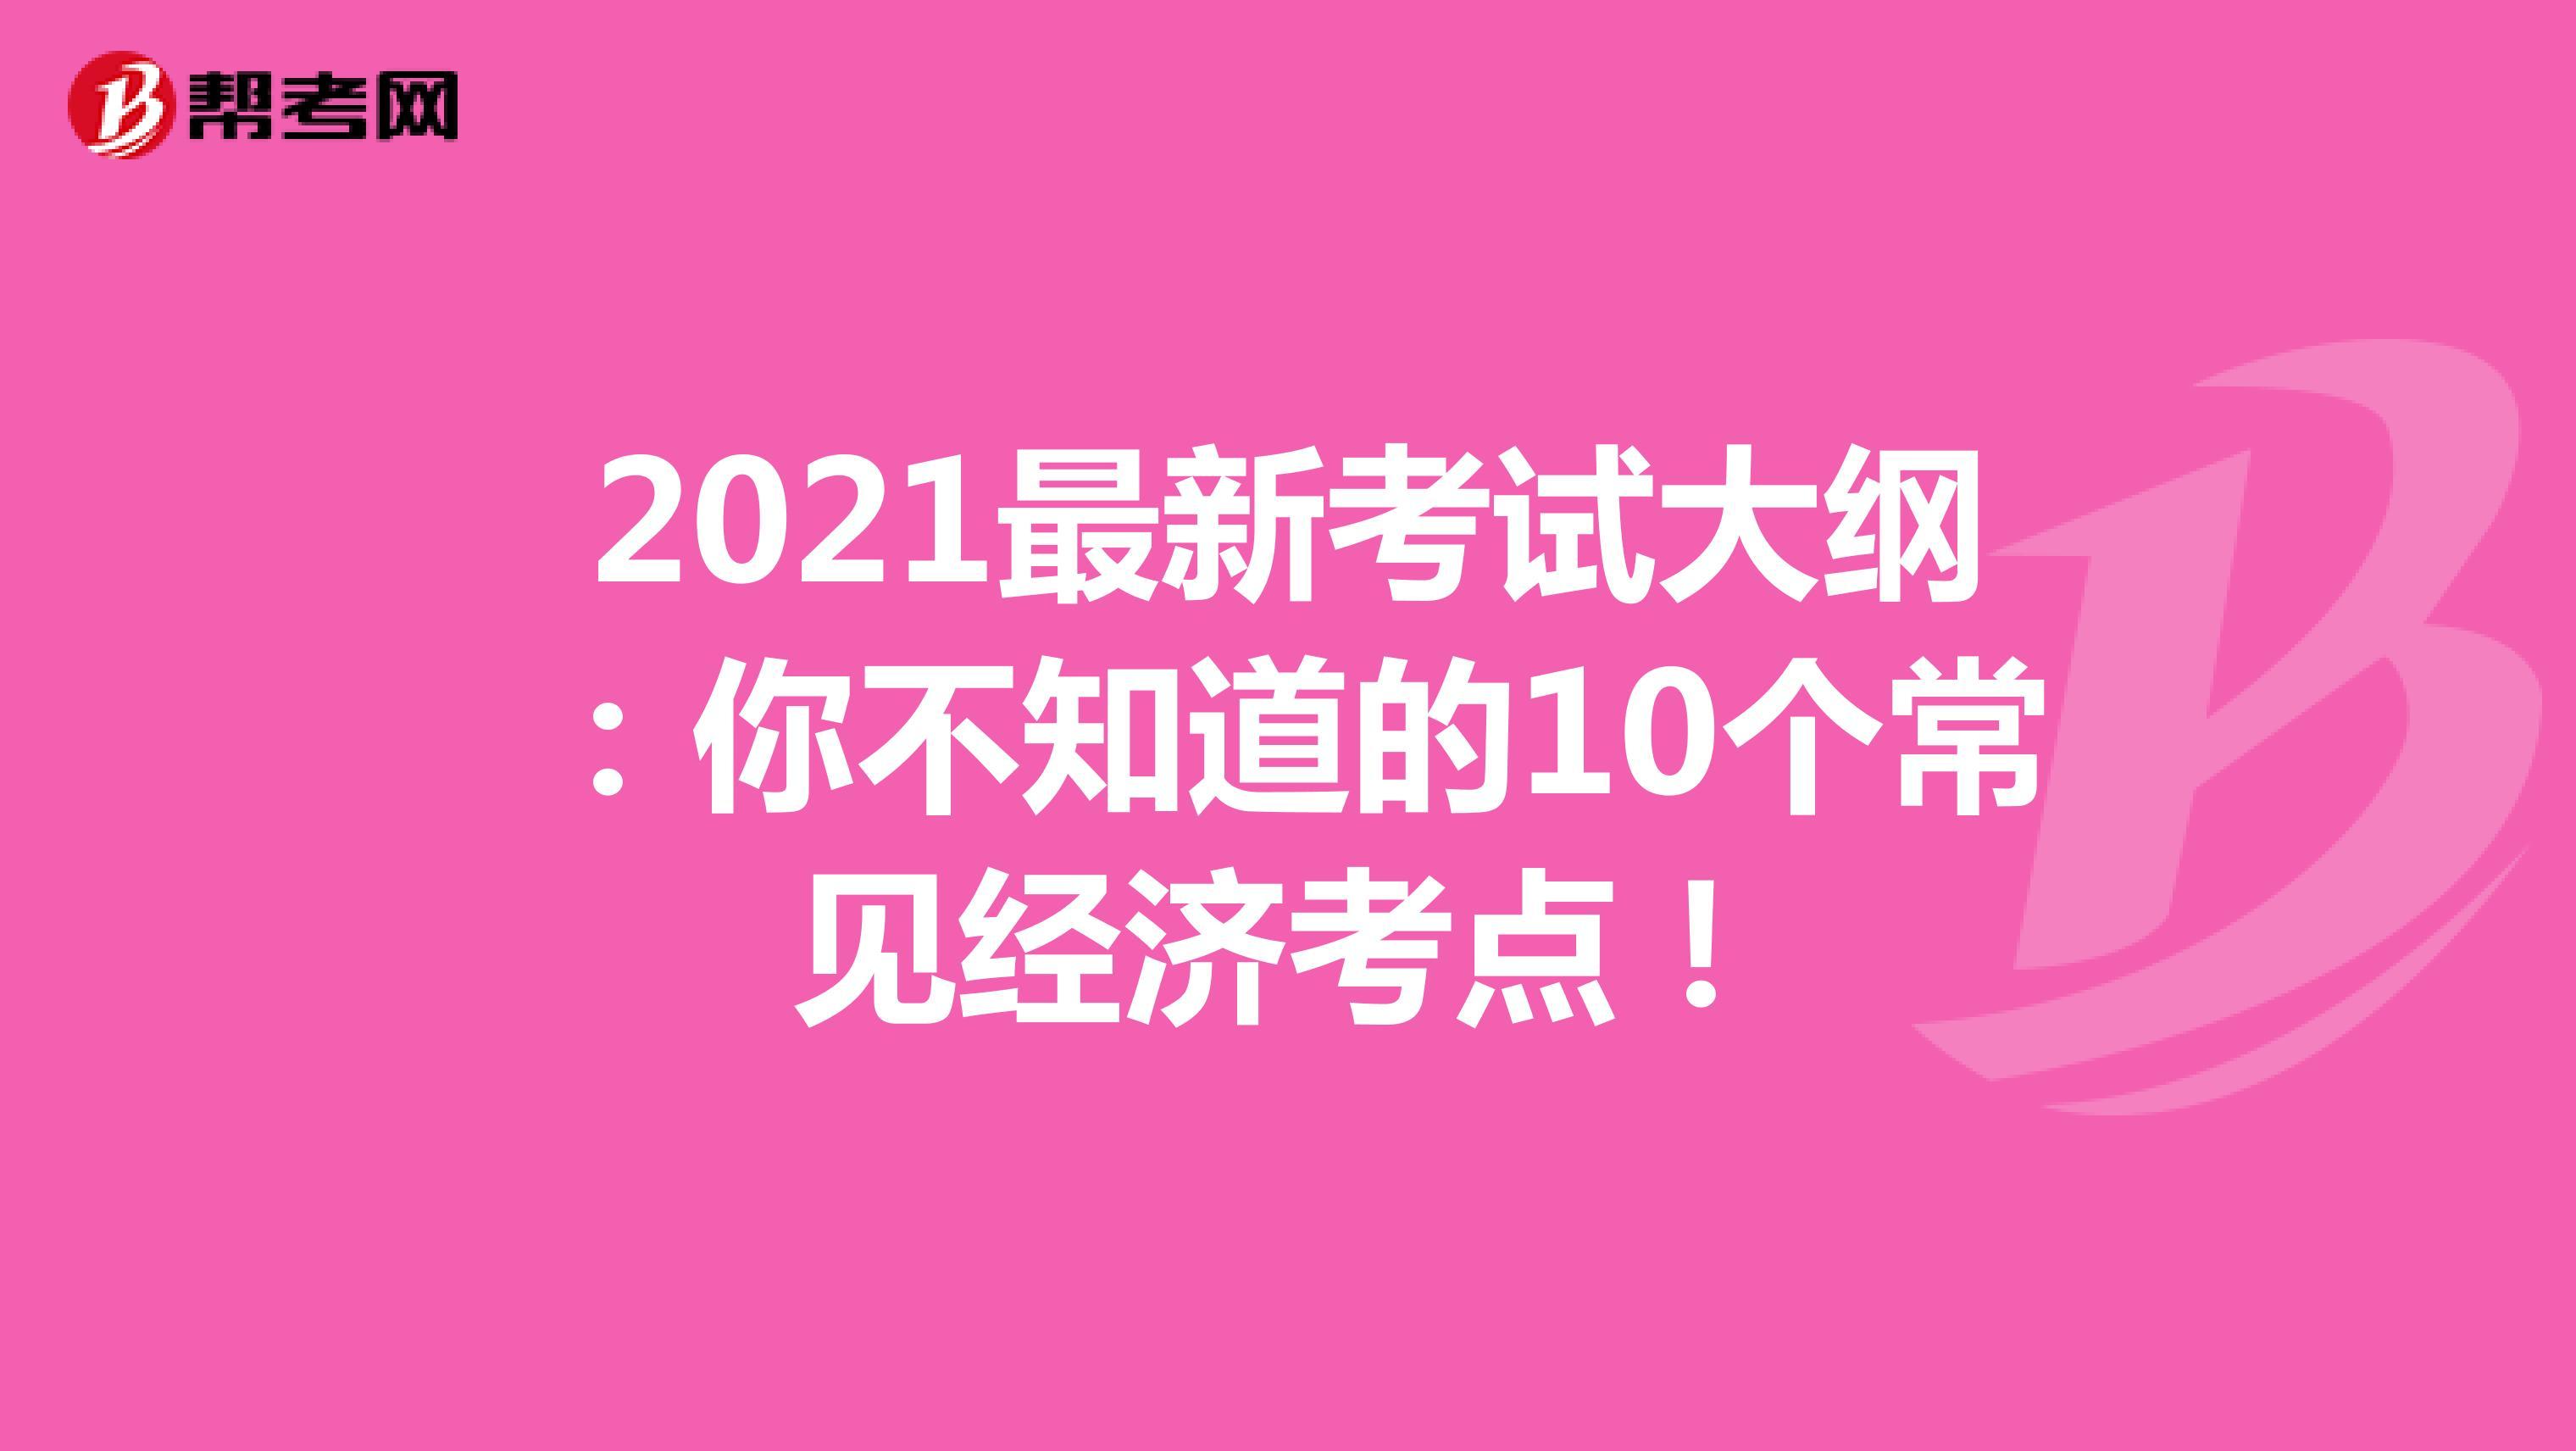 2021最新考试大纲:你不知道的10个常见经济考点!